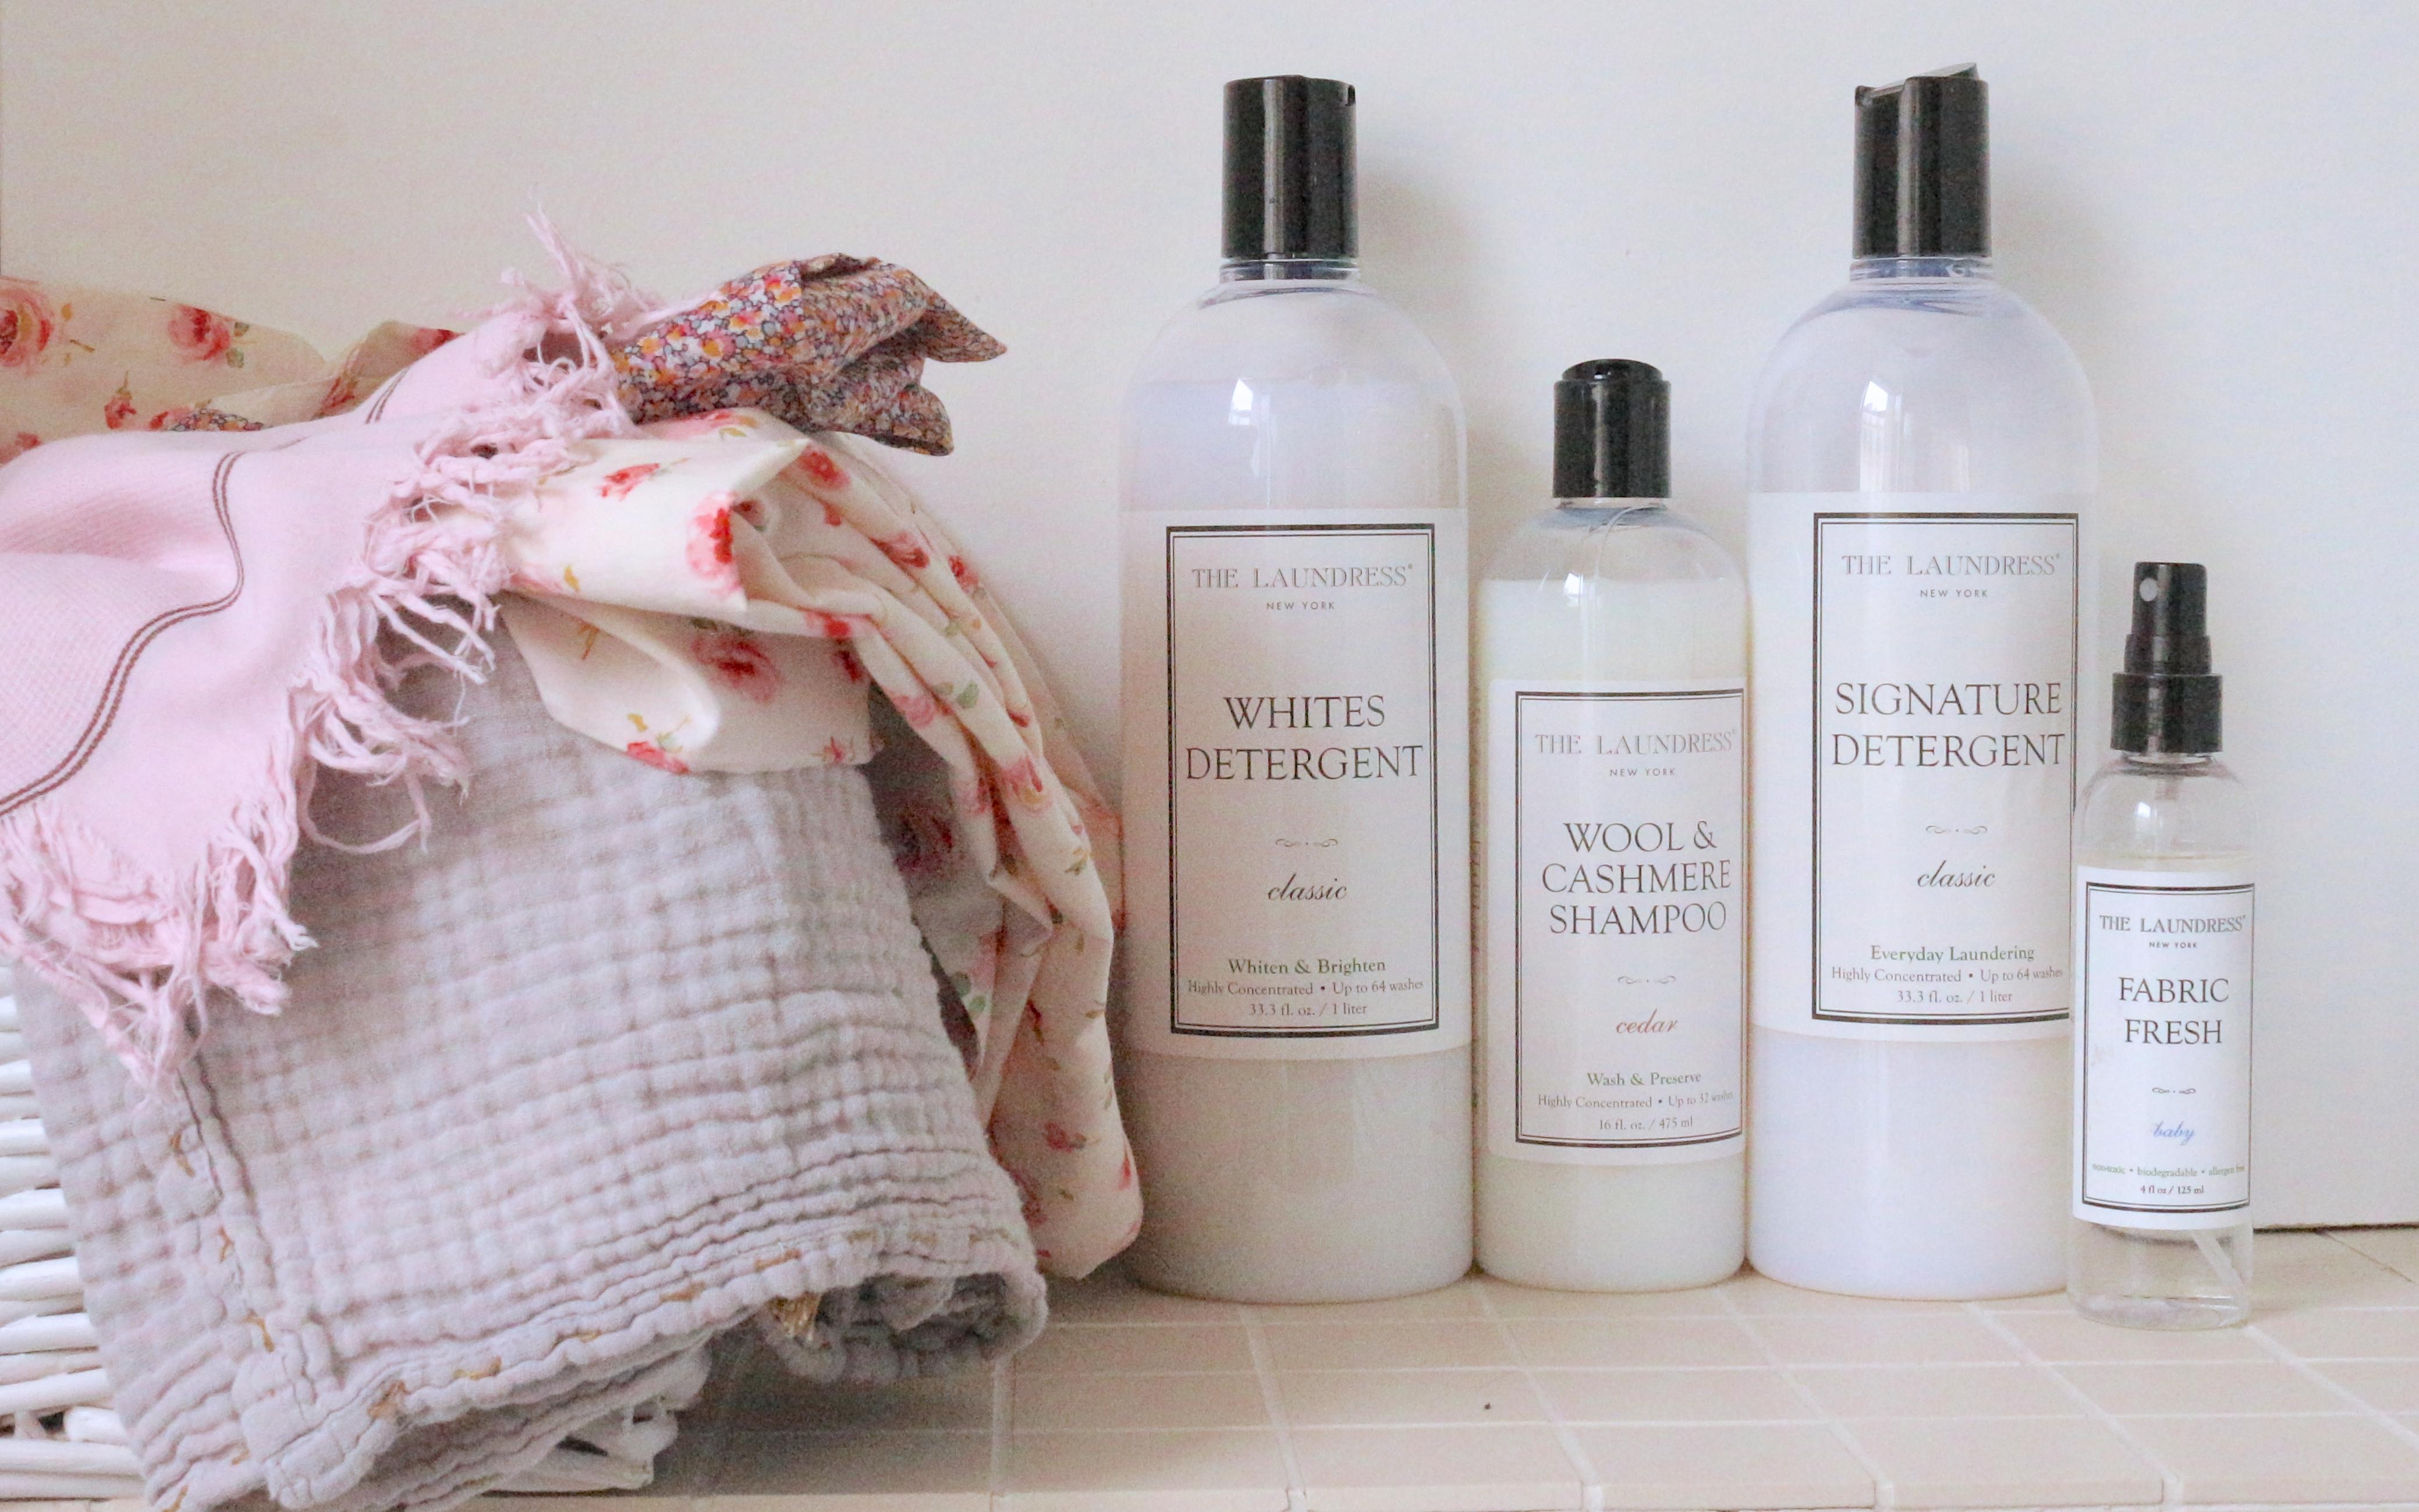 The Laundress, Sweet Cabane